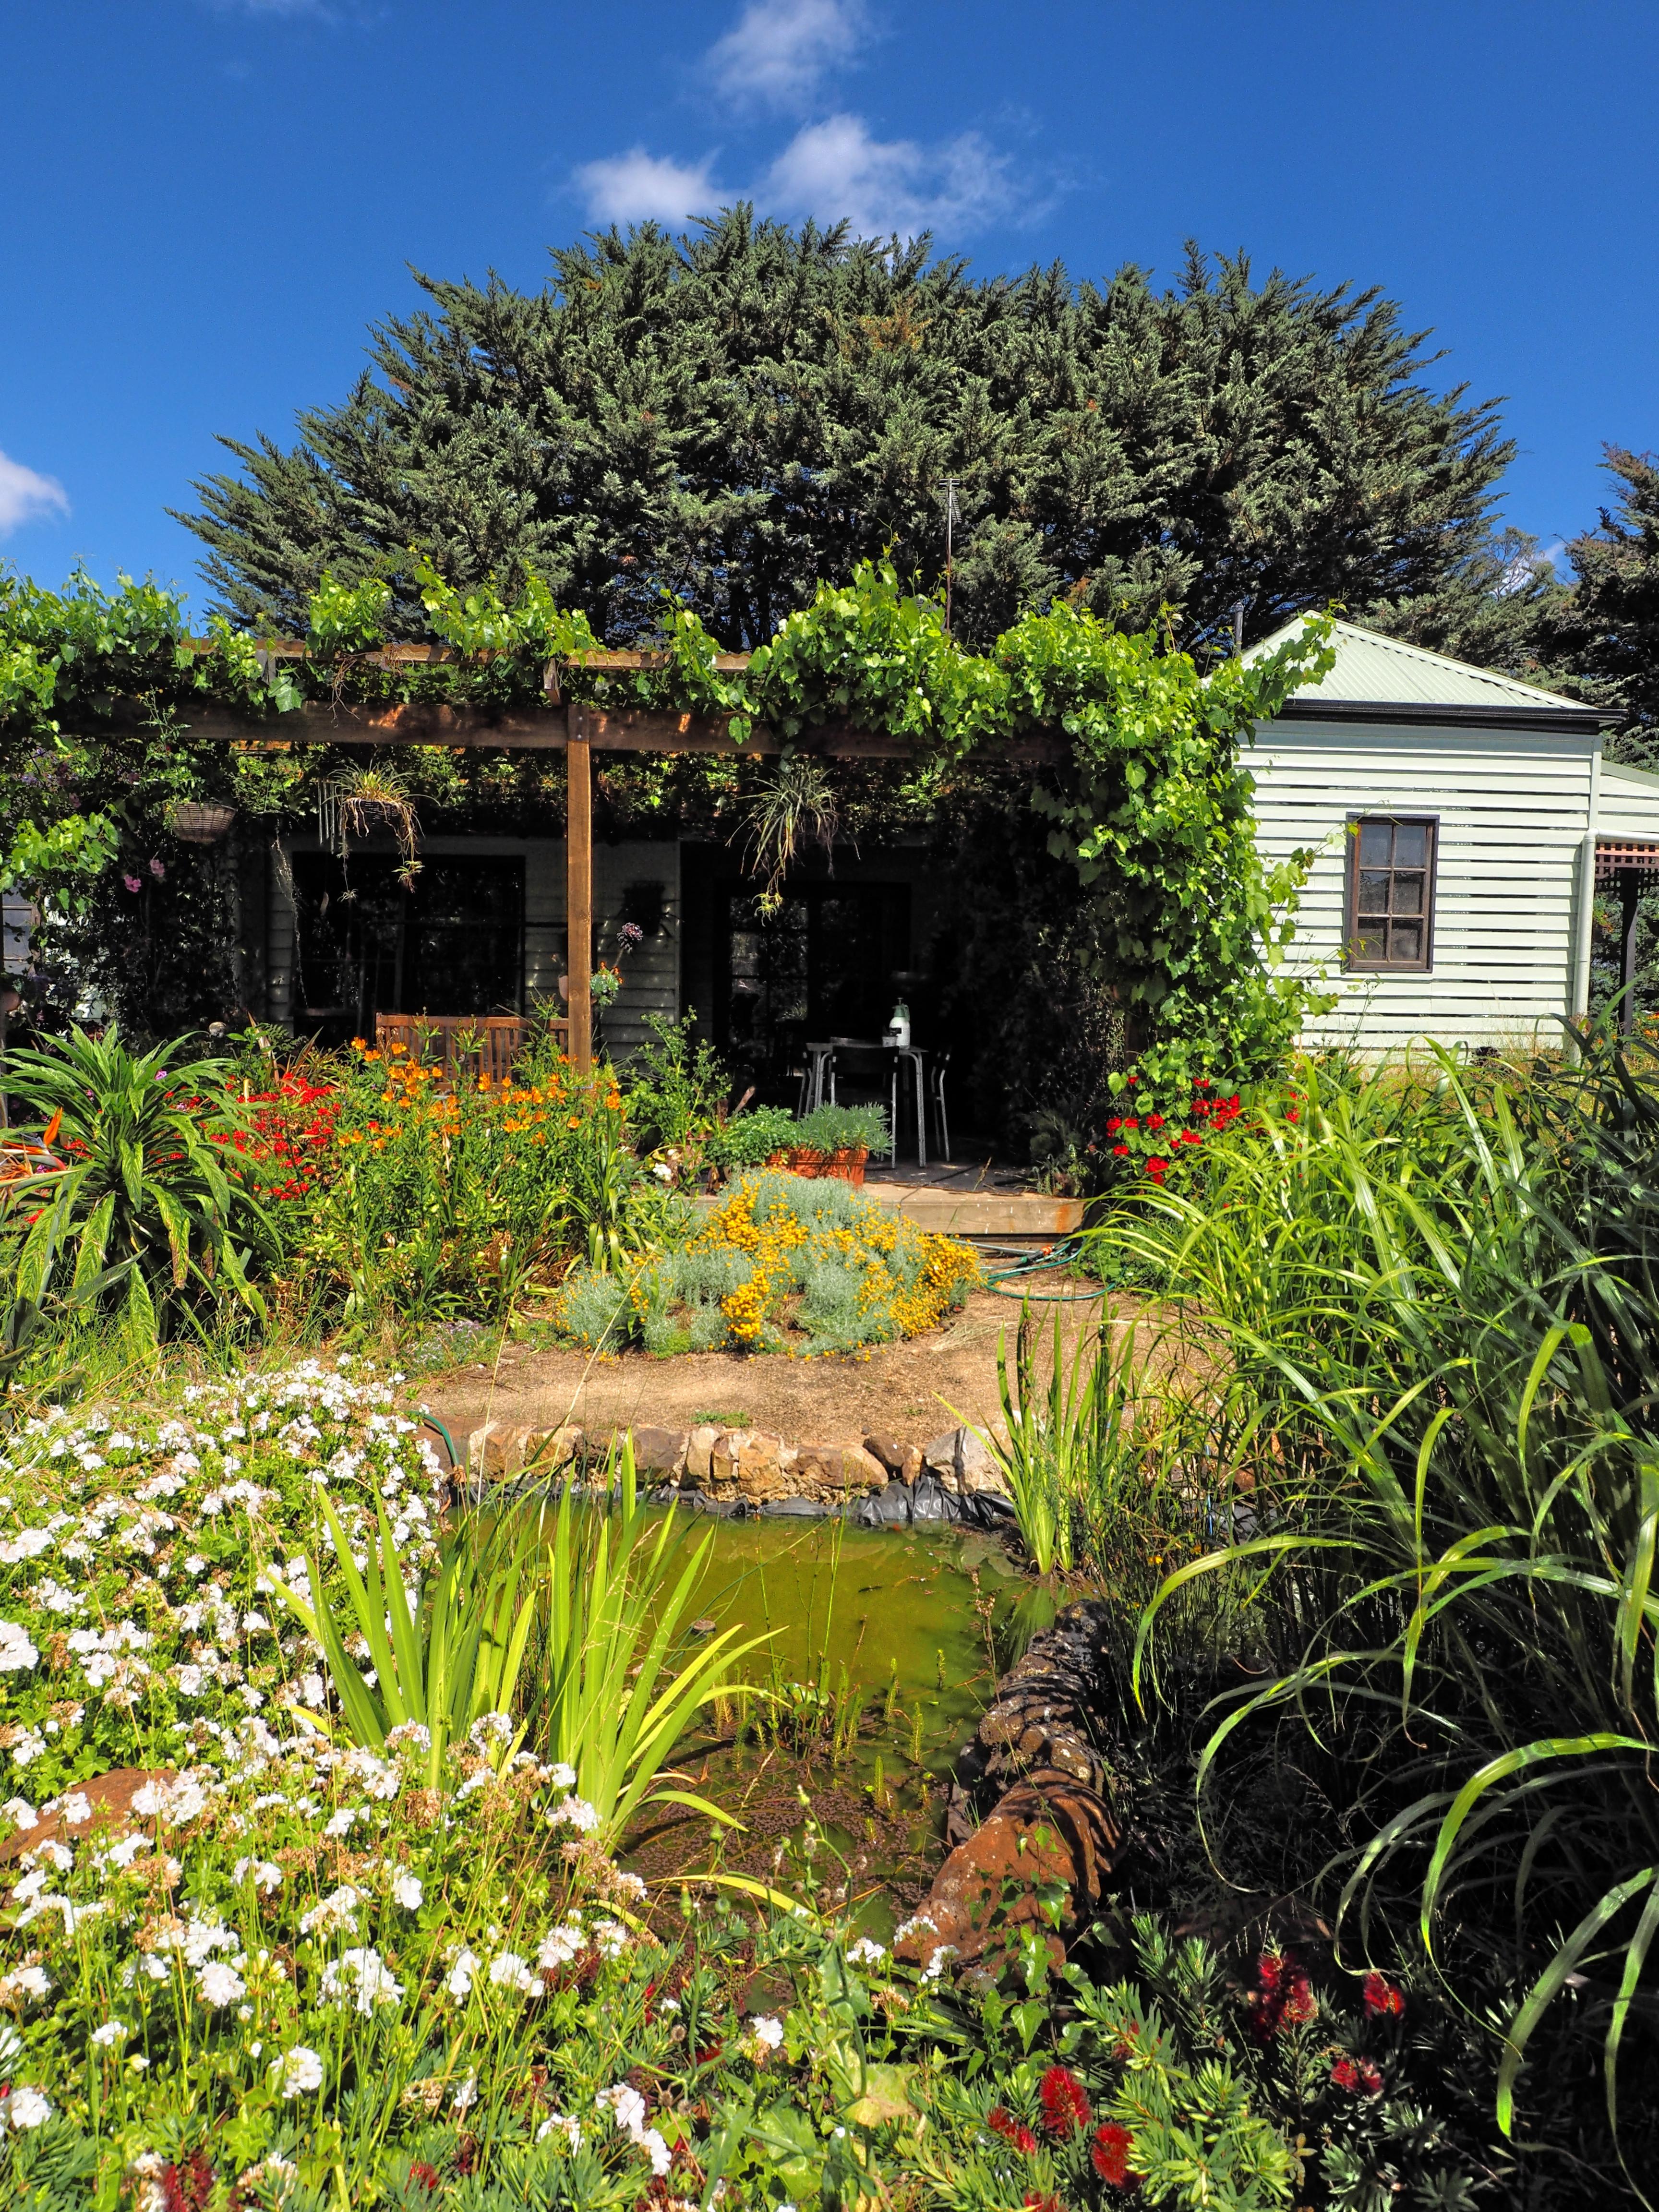 garden-centre-0-1EV-dup.jpeg